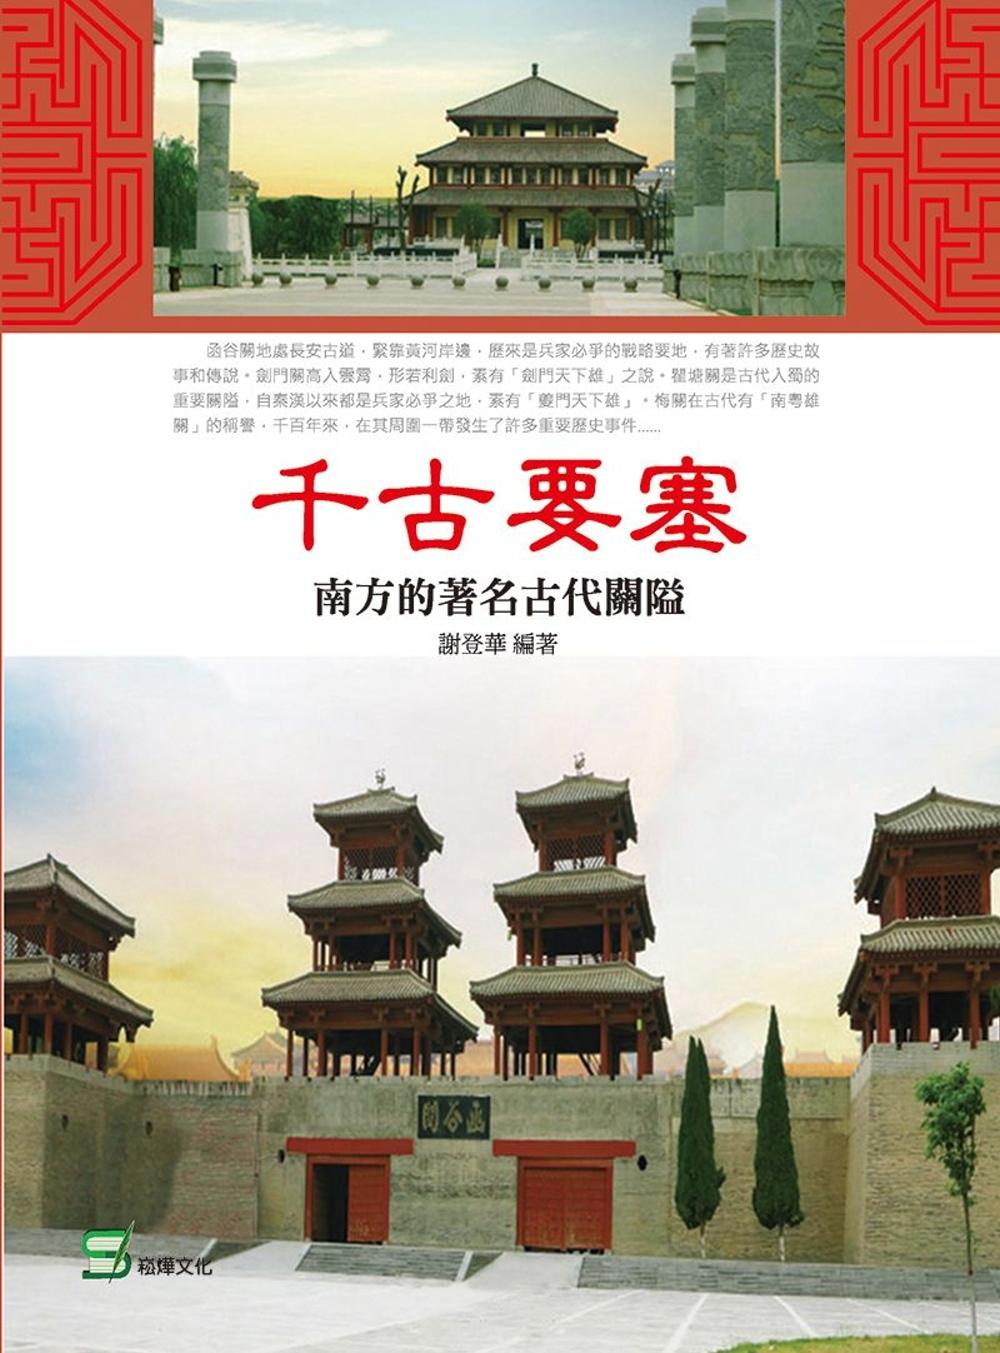 千古要塞:南方的著名古代關隘